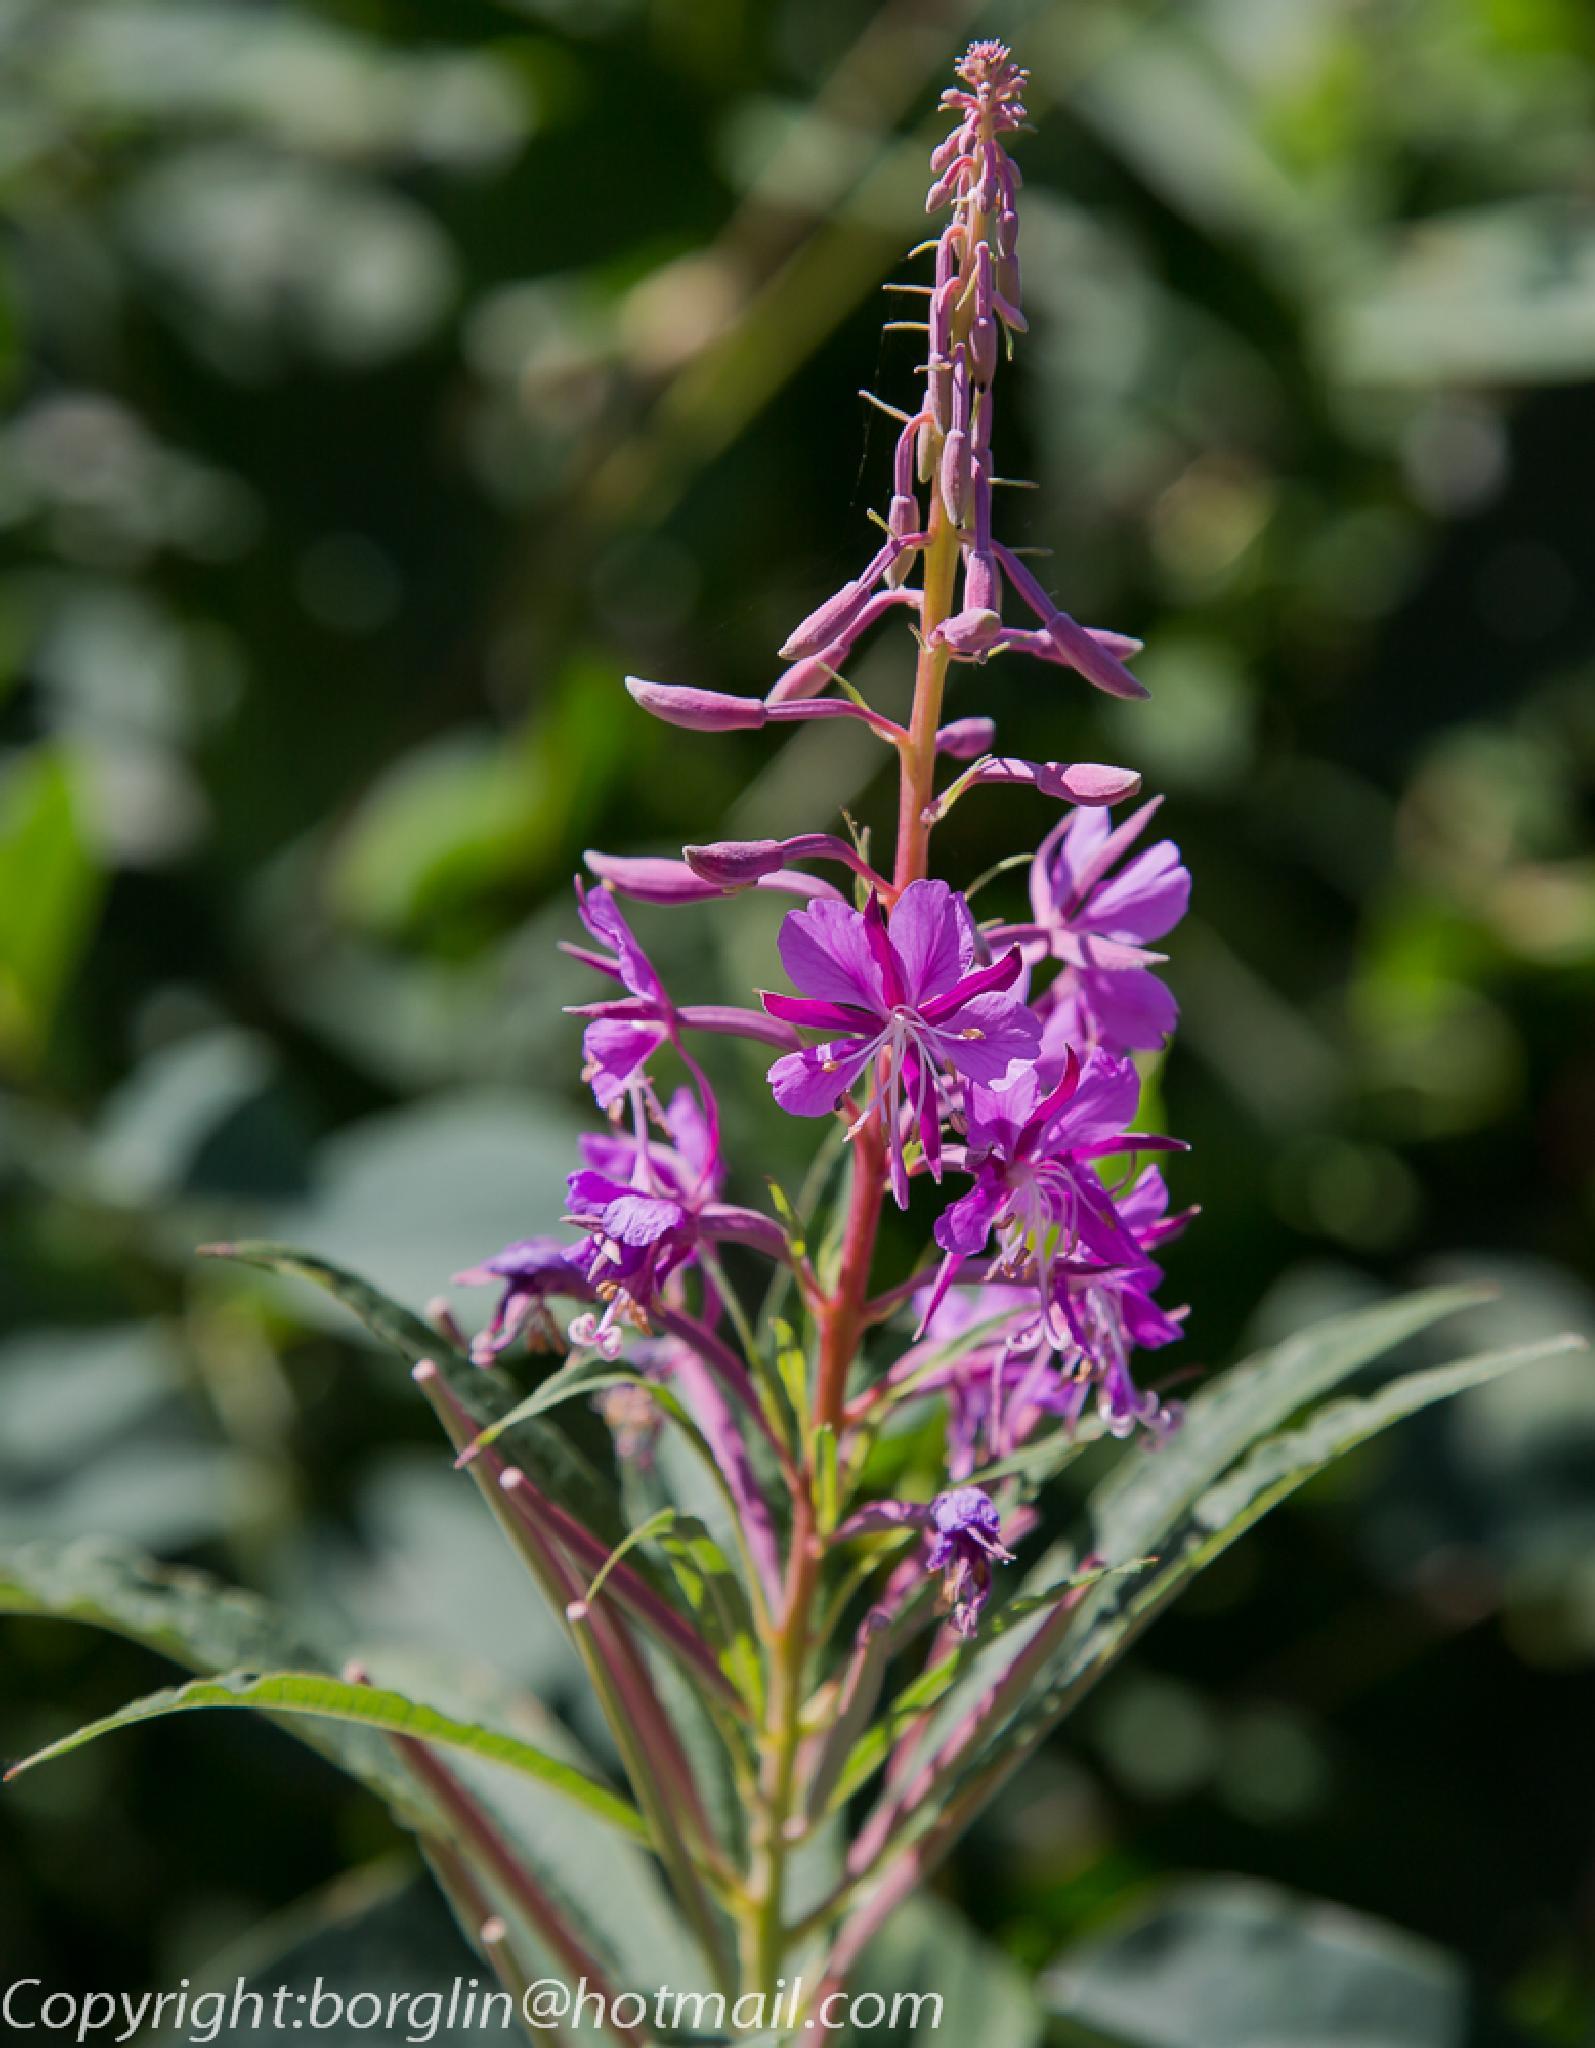 En vildväxande blomma från vägrenen      A wild flower from the roadside by Mats Borglin